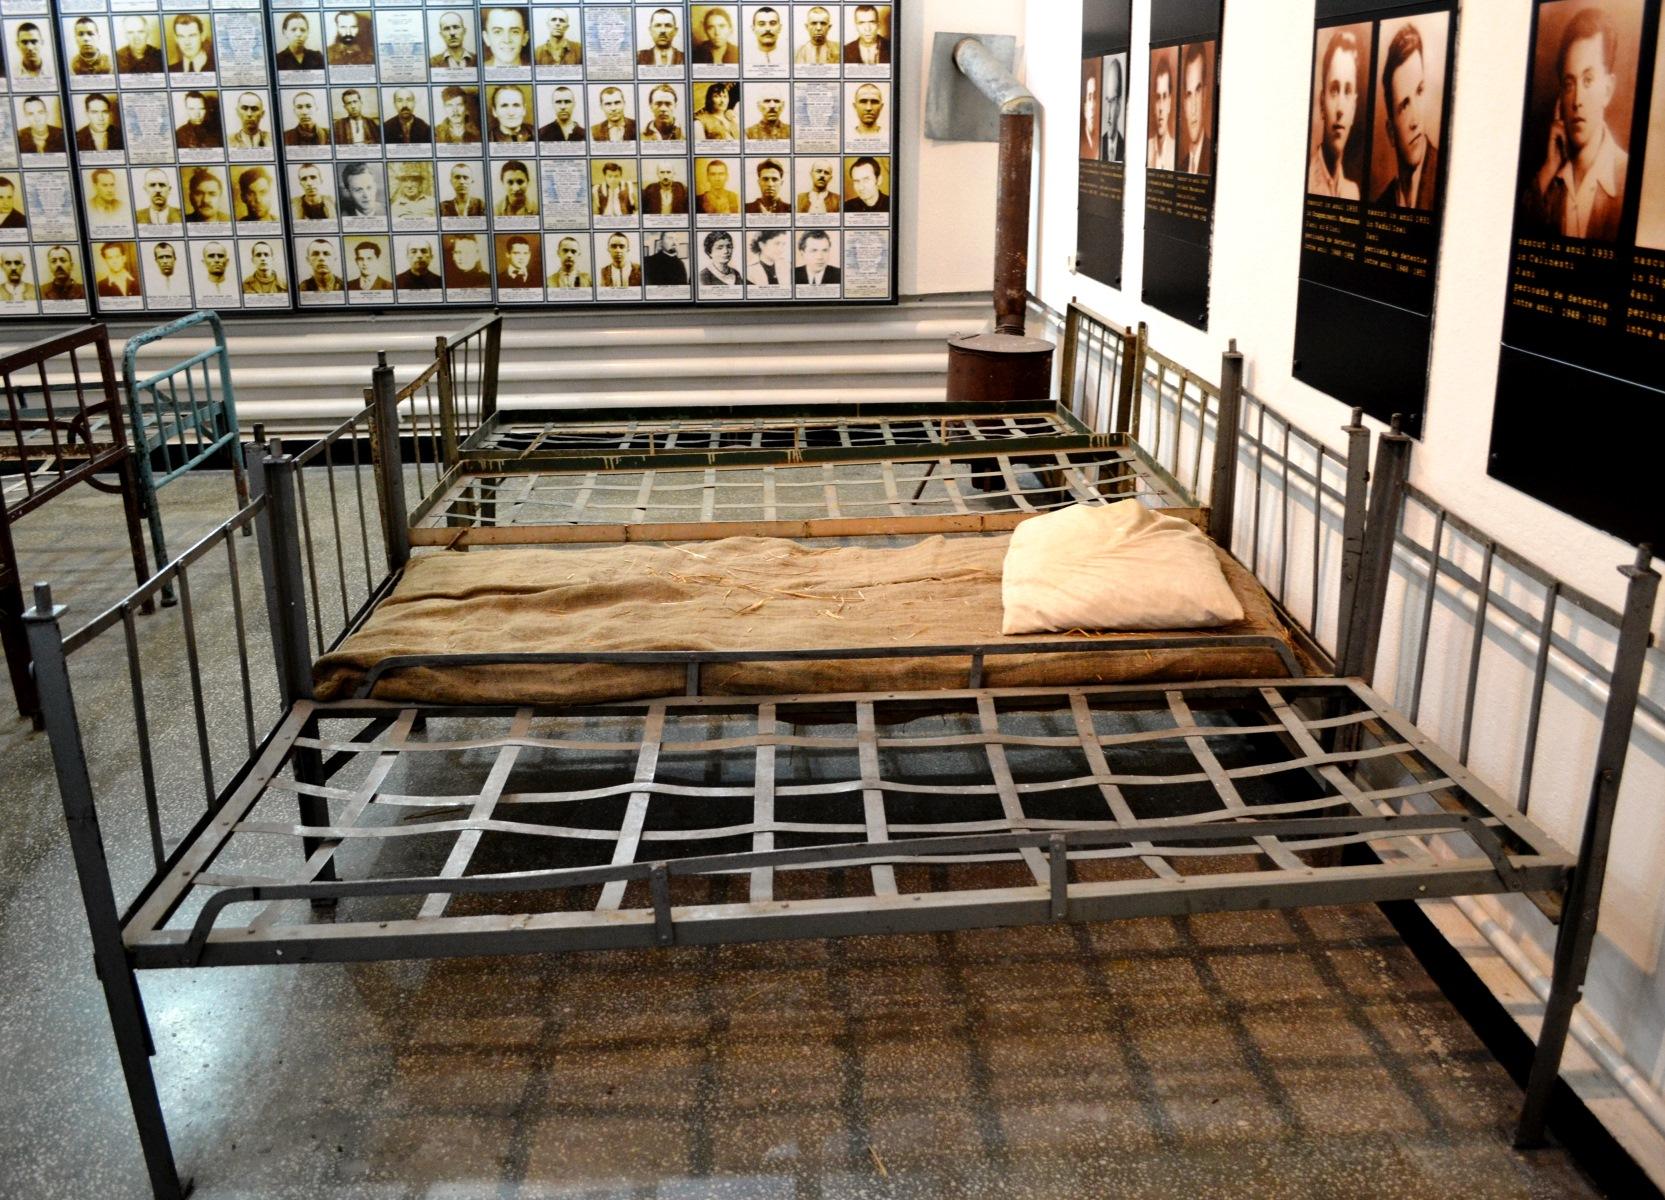 Memorialul Victimelor Comunismului și al Rezistenței 6 - Memorialul Victimelor Comunismului și al Rezistenței – Cel mai impresionant muzeu din România